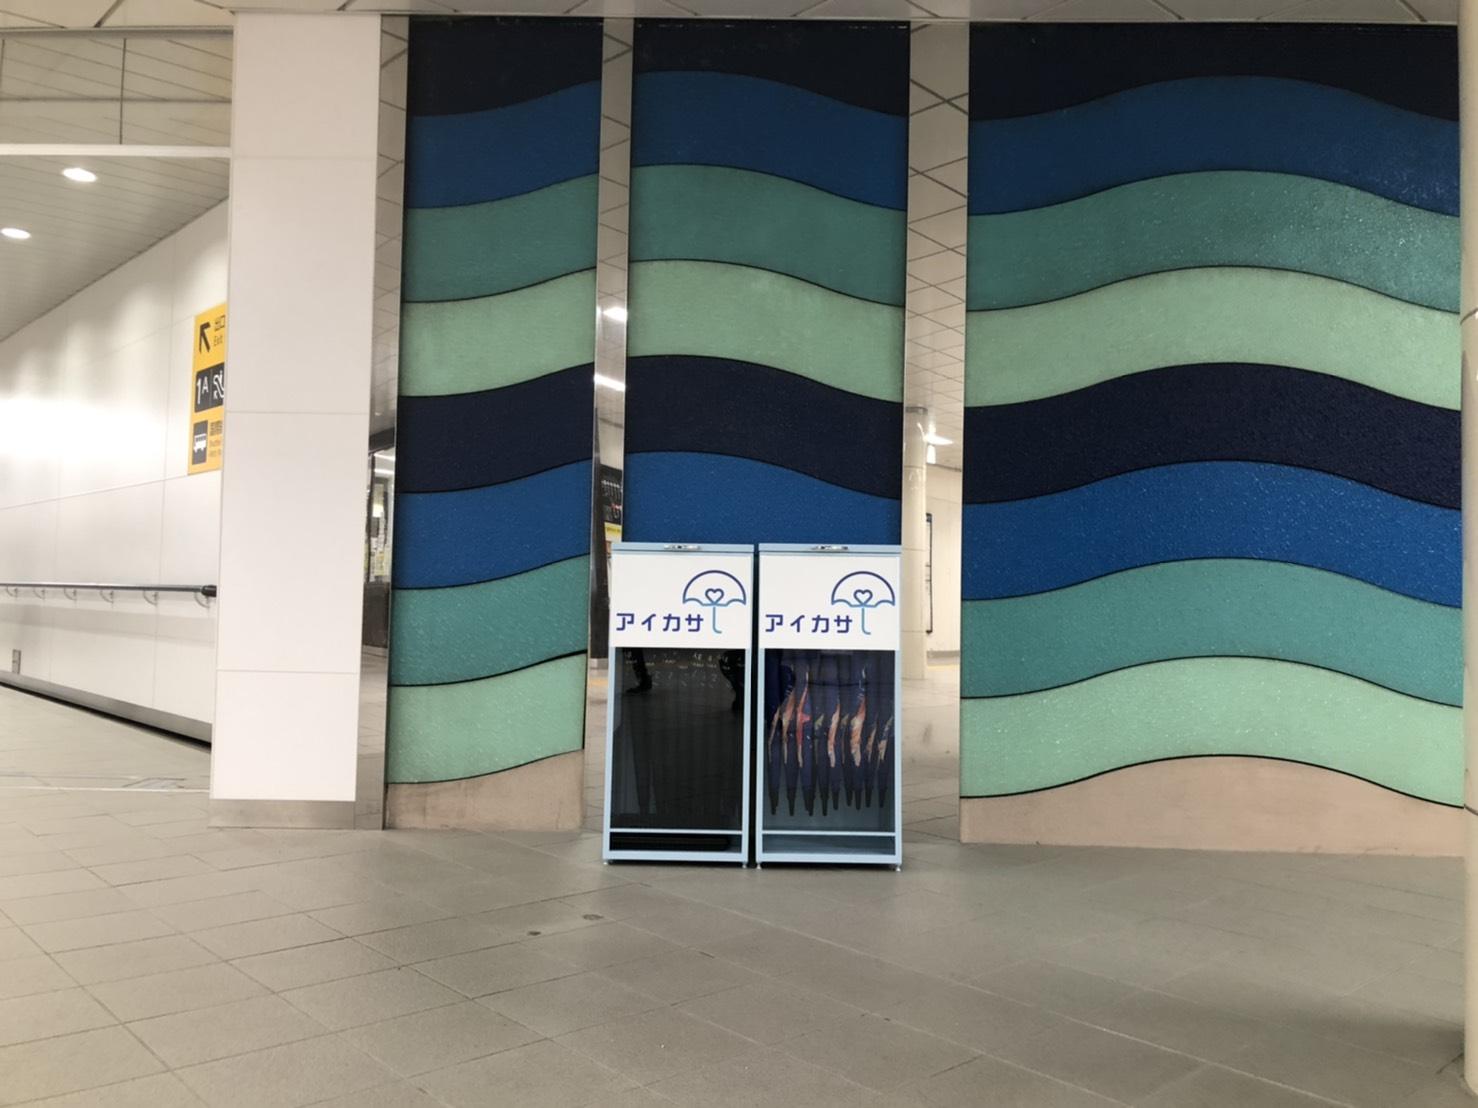 アイカサ 福岡市地下鉄空港線 福岡空港駅(国際線連絡バス乗り場側)